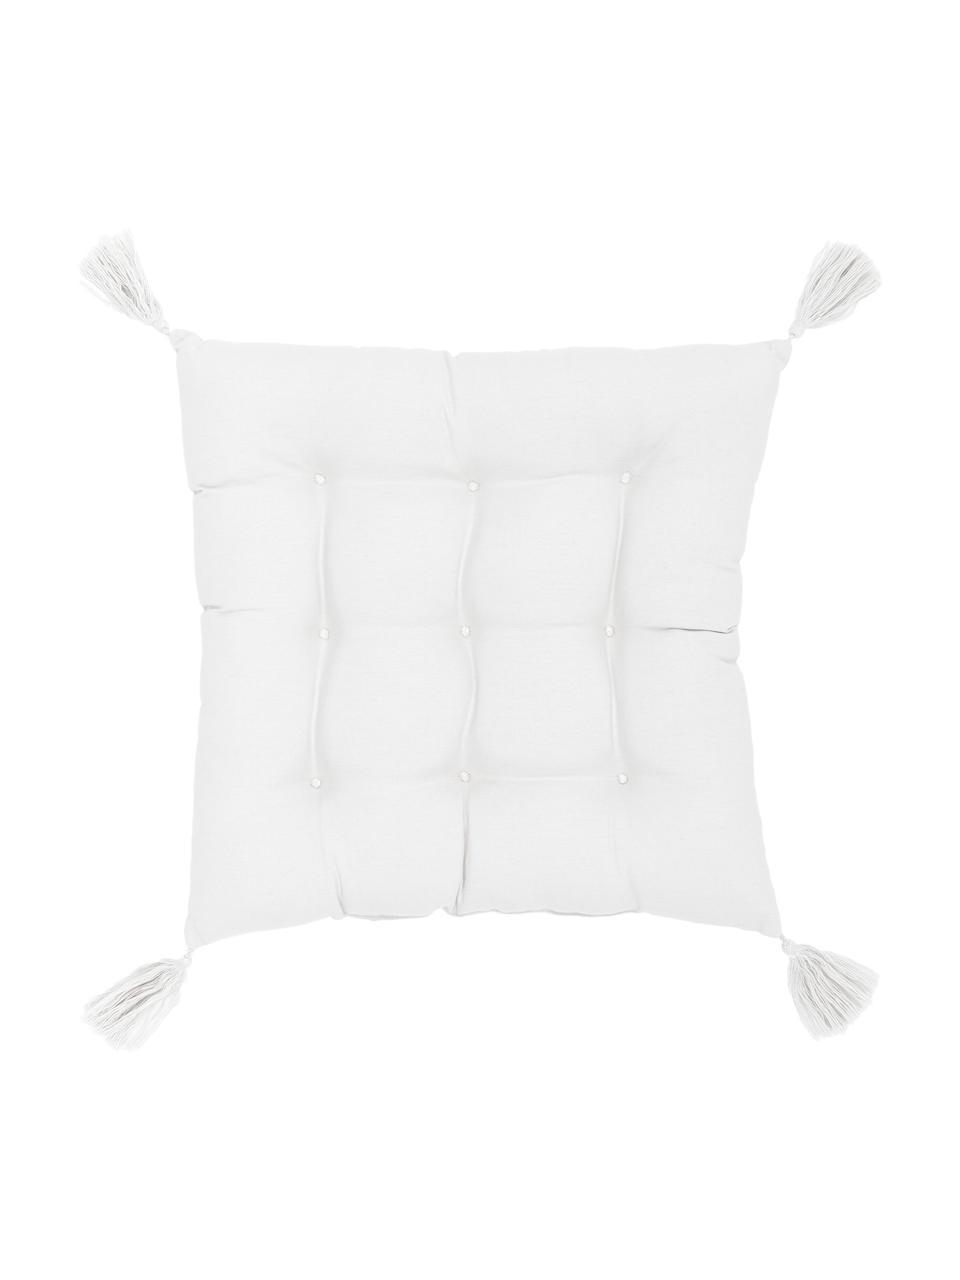 Sitzkissen Ava in Weiß mit Quasten, Bezug: 100% Baumwolle, Weiß, 40 x 40 cm